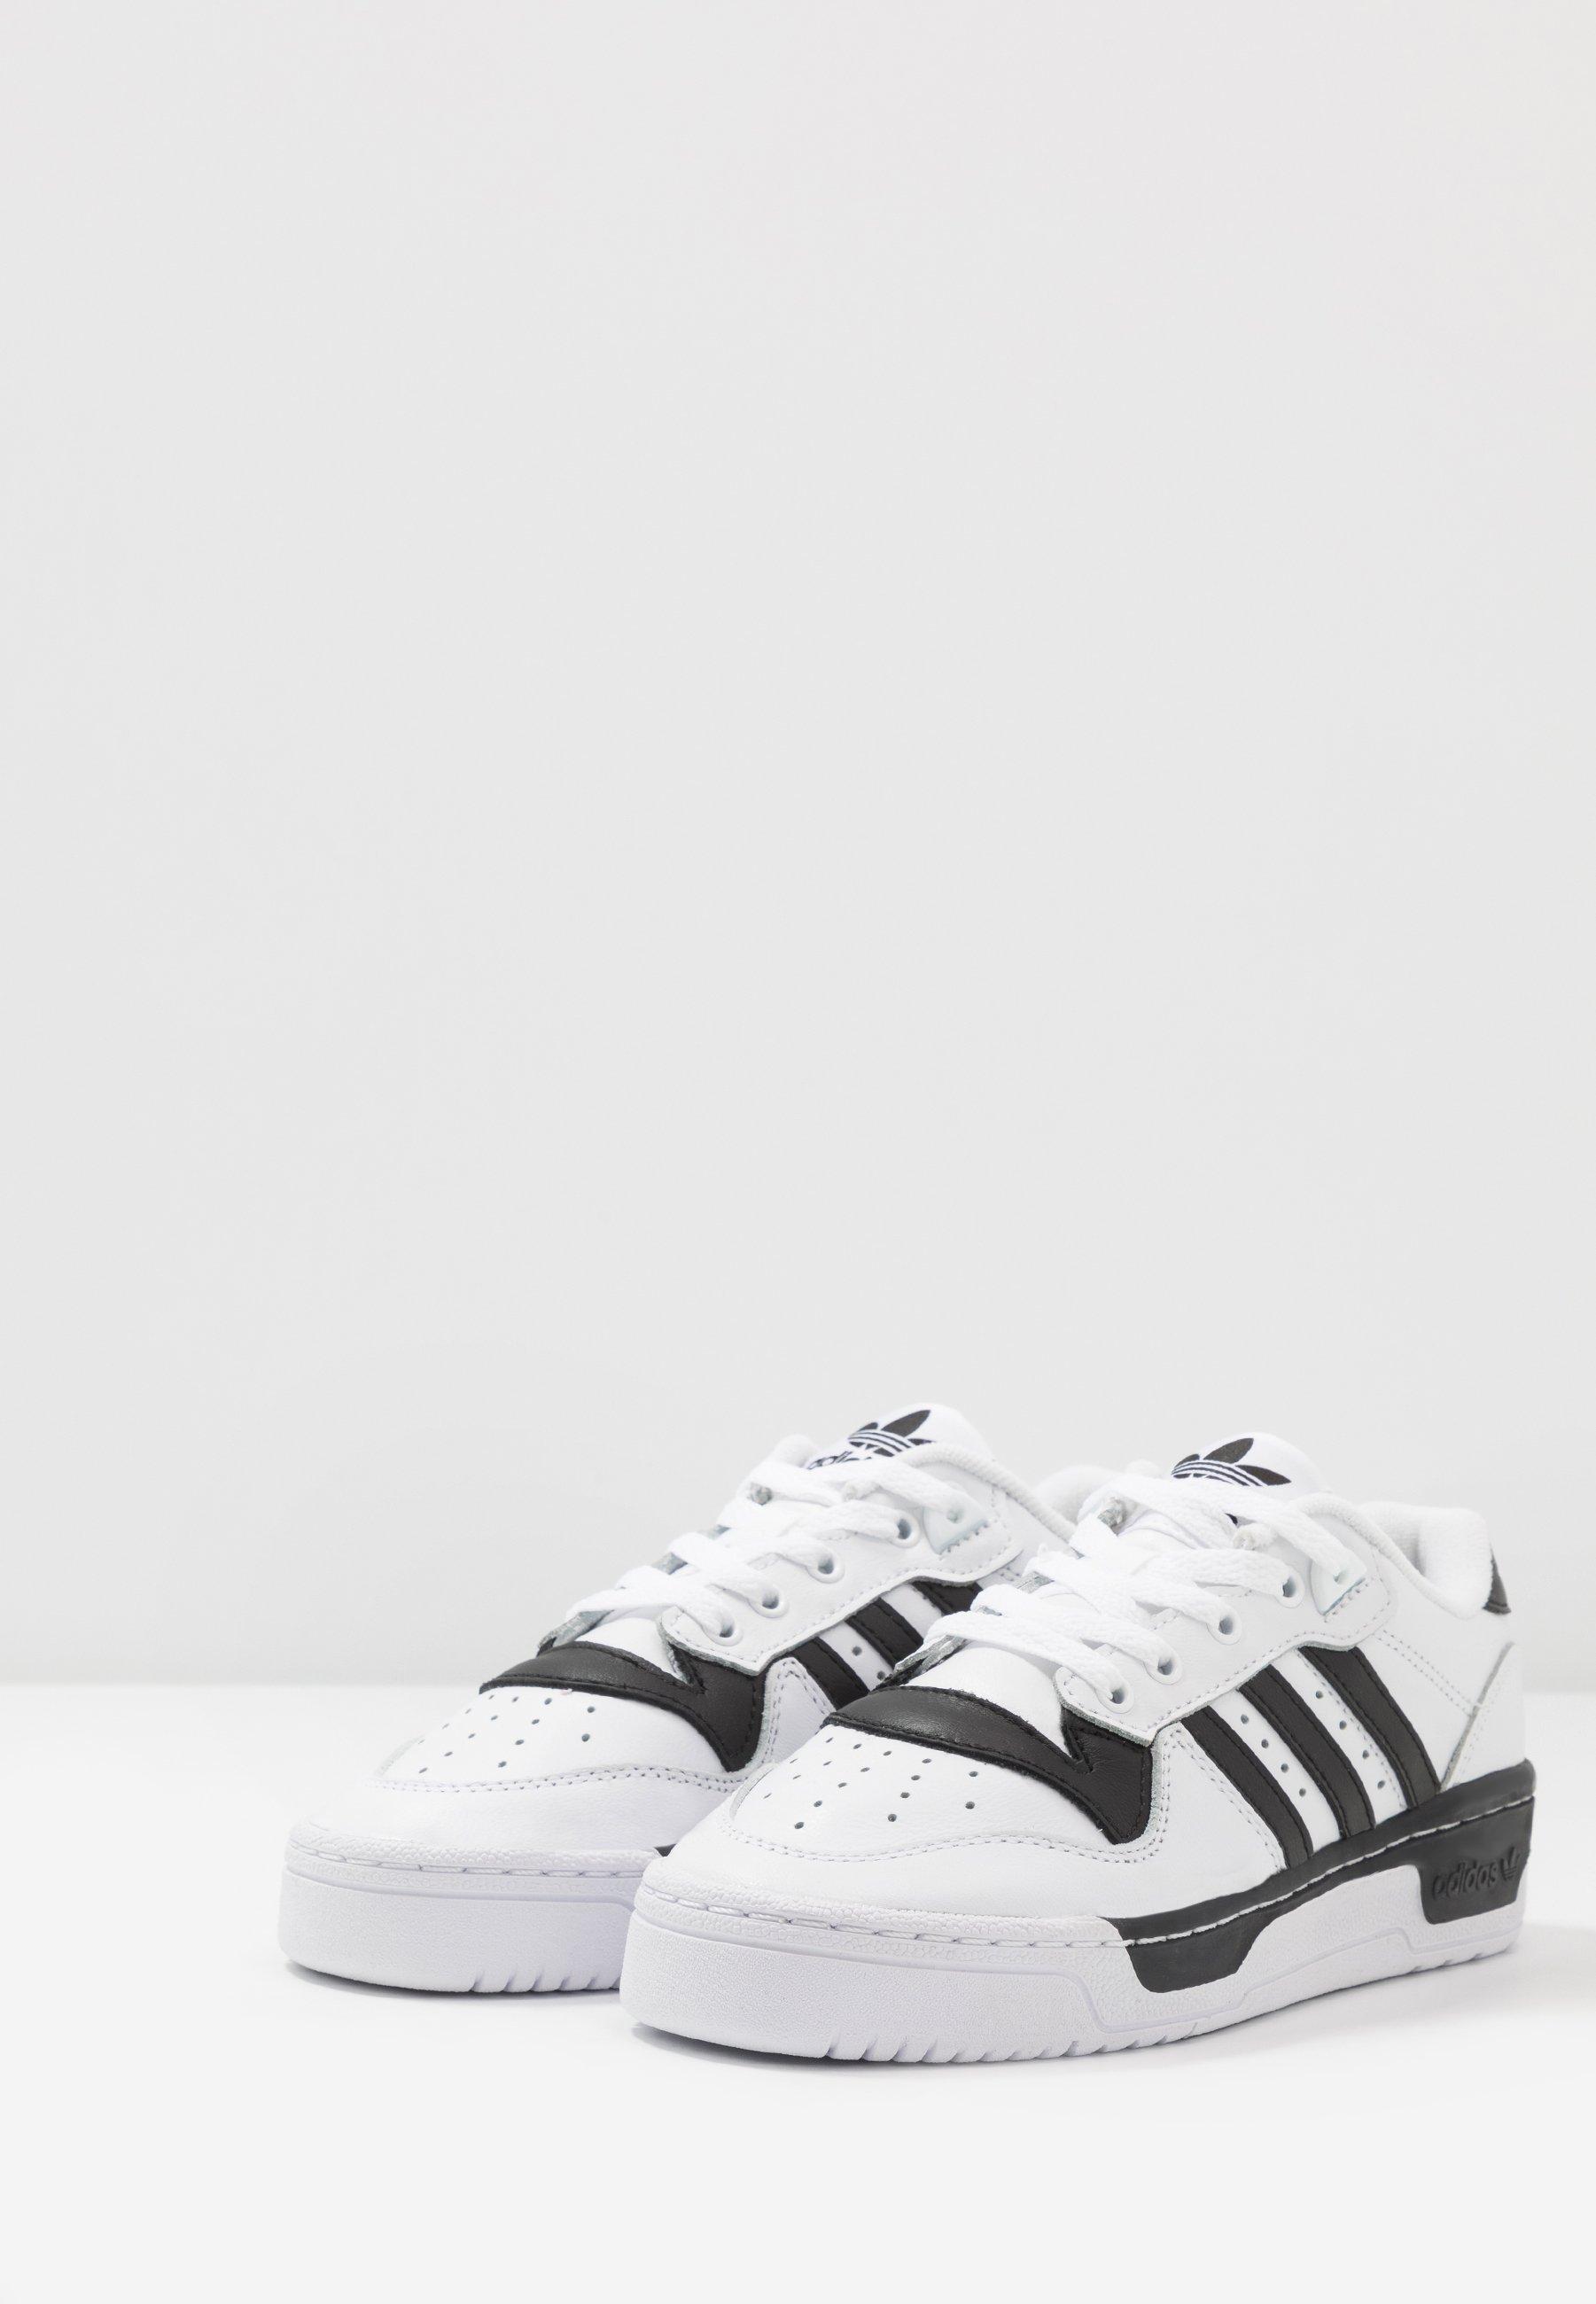 RIVALRY Sneakers footwear whitecore black